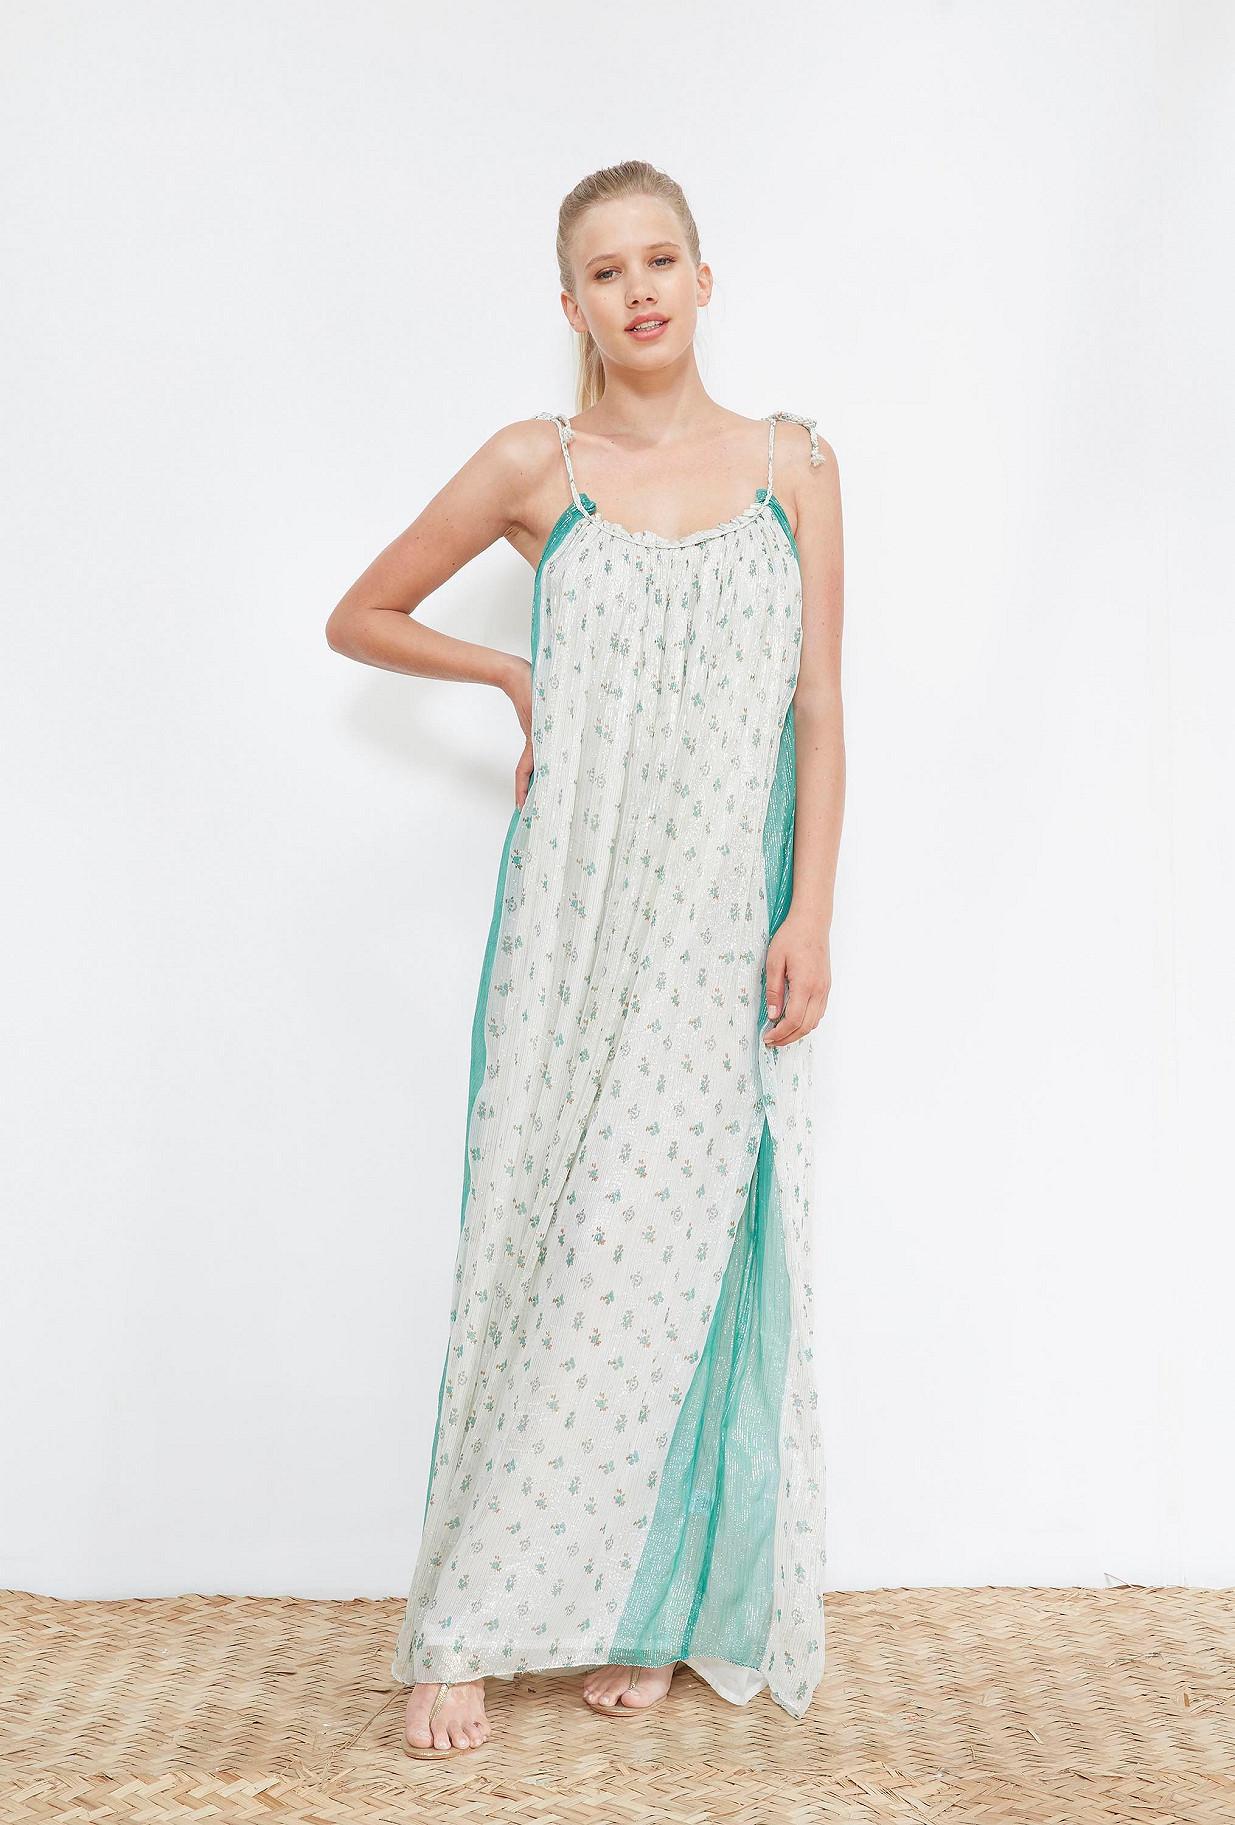 Ivory  DRESS  Bethel Mes demoiselles fashion clothes designer Paris